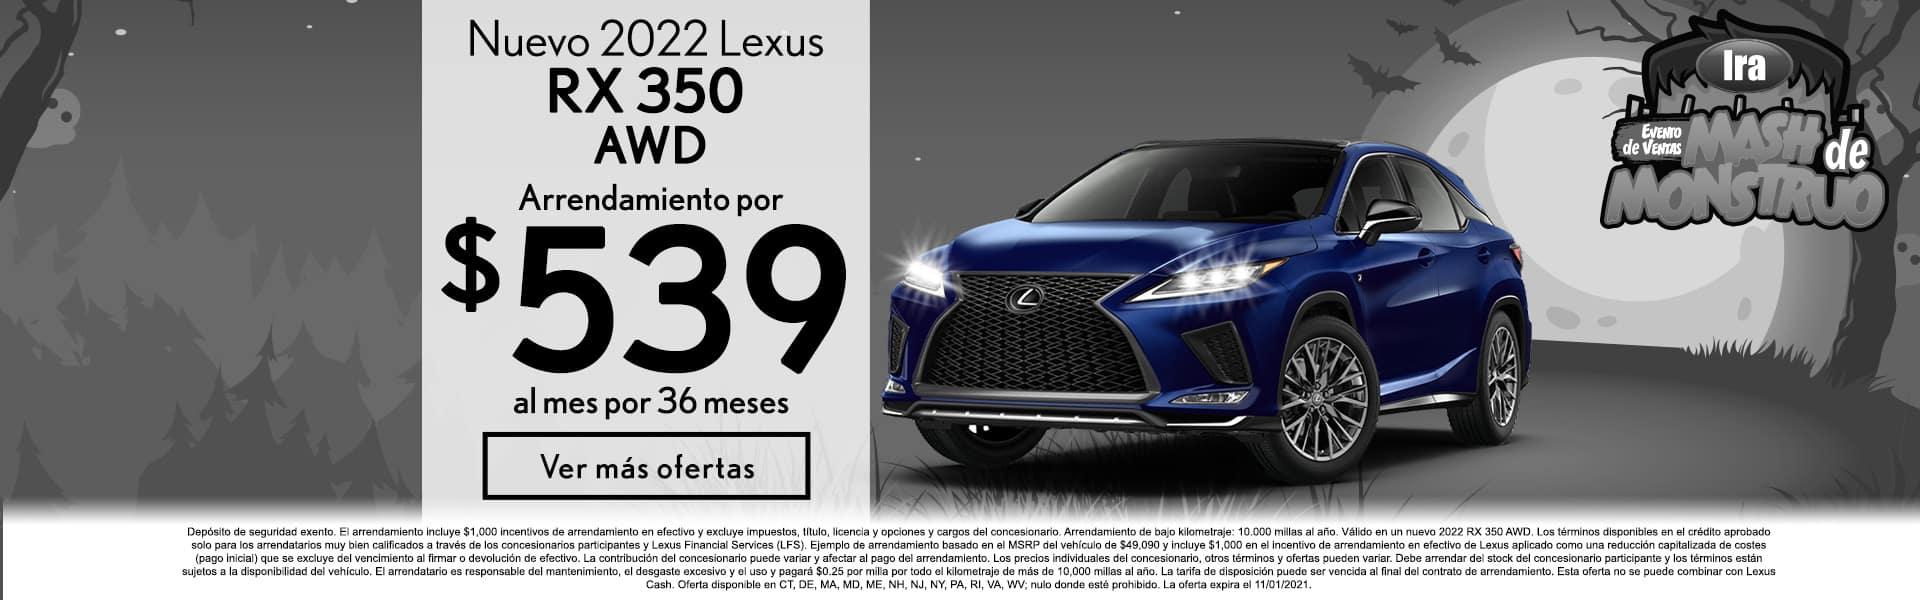 IraLexusManchester_SpanishSlide_1900x600_RX350_10-21